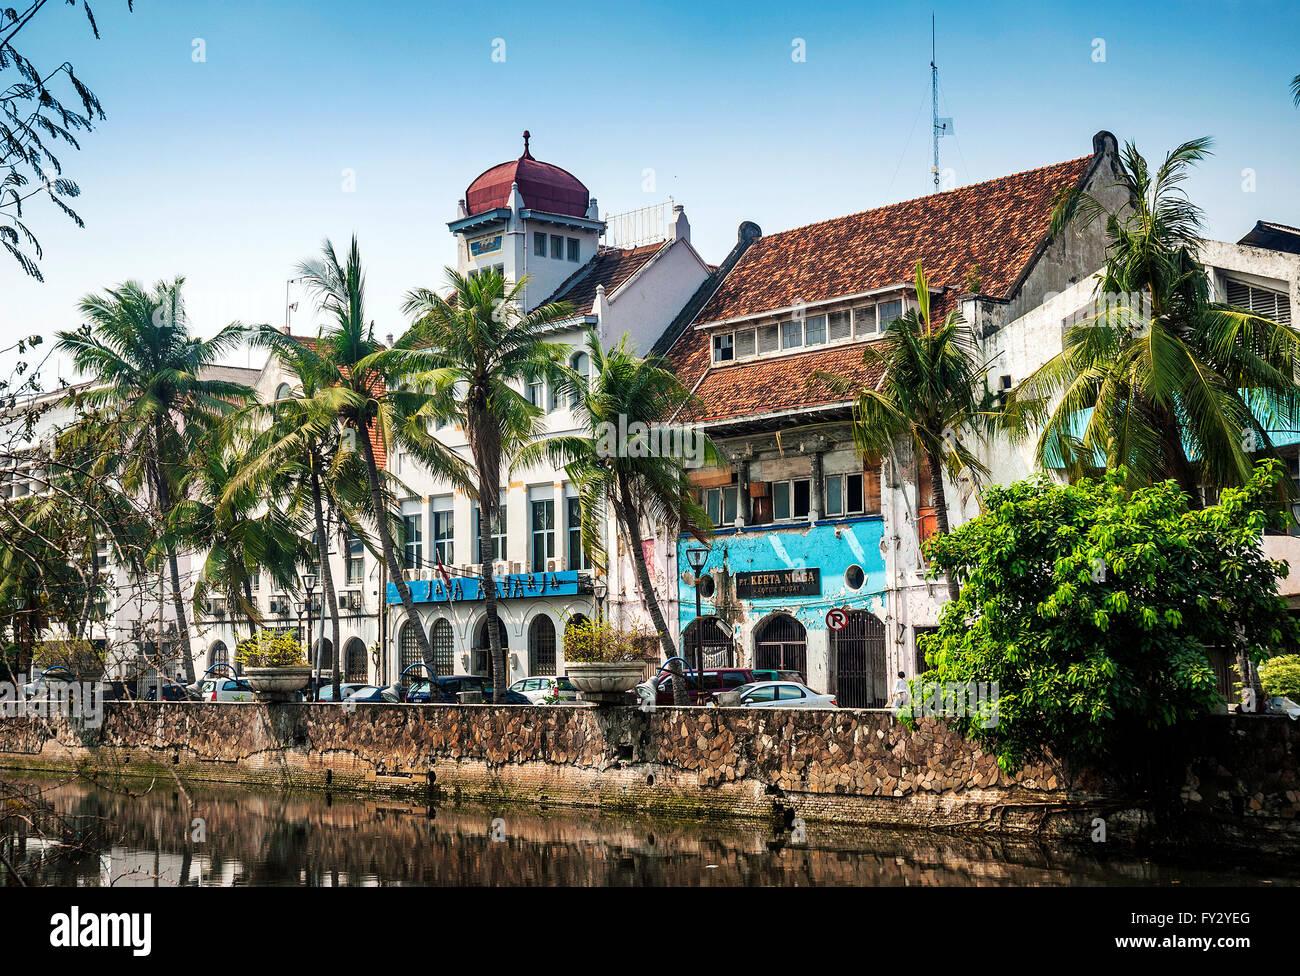 niederländischen Kolonialarchitektur Gebäude in der alten Stadt von Jakarta Indonesien Stockbild